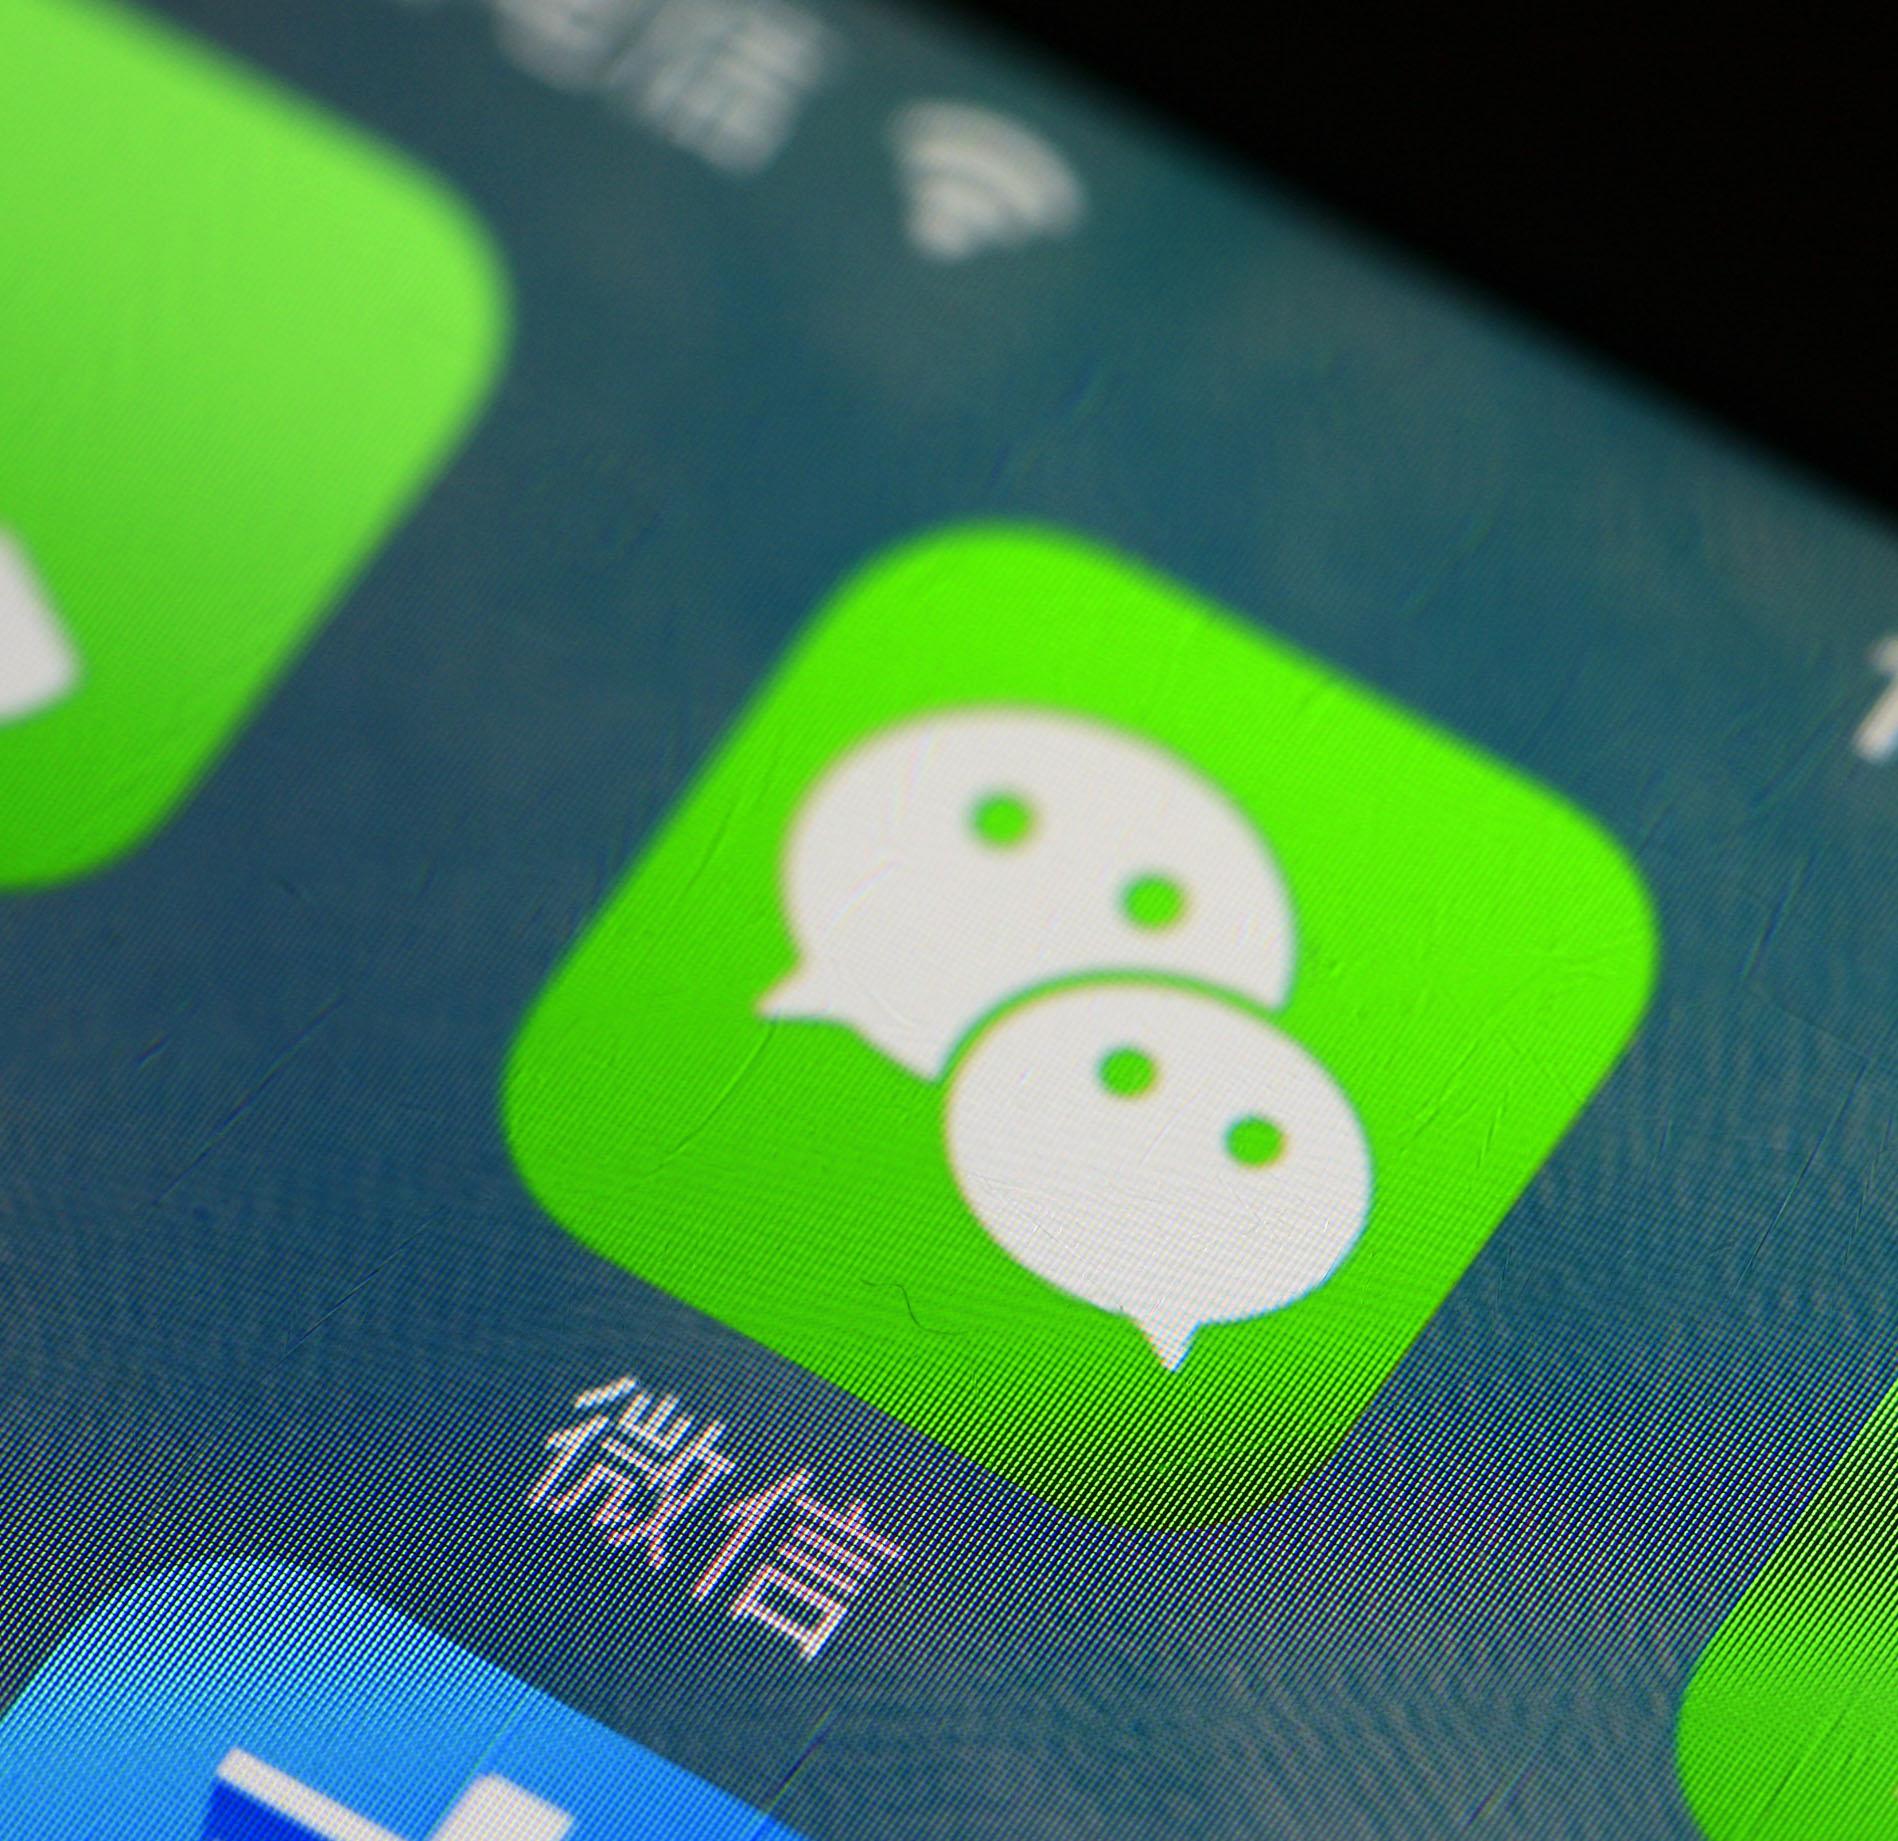 腾讯Q3财报看点:金融科技扛起新收入大旗,微信用户增长QQ用户下跌